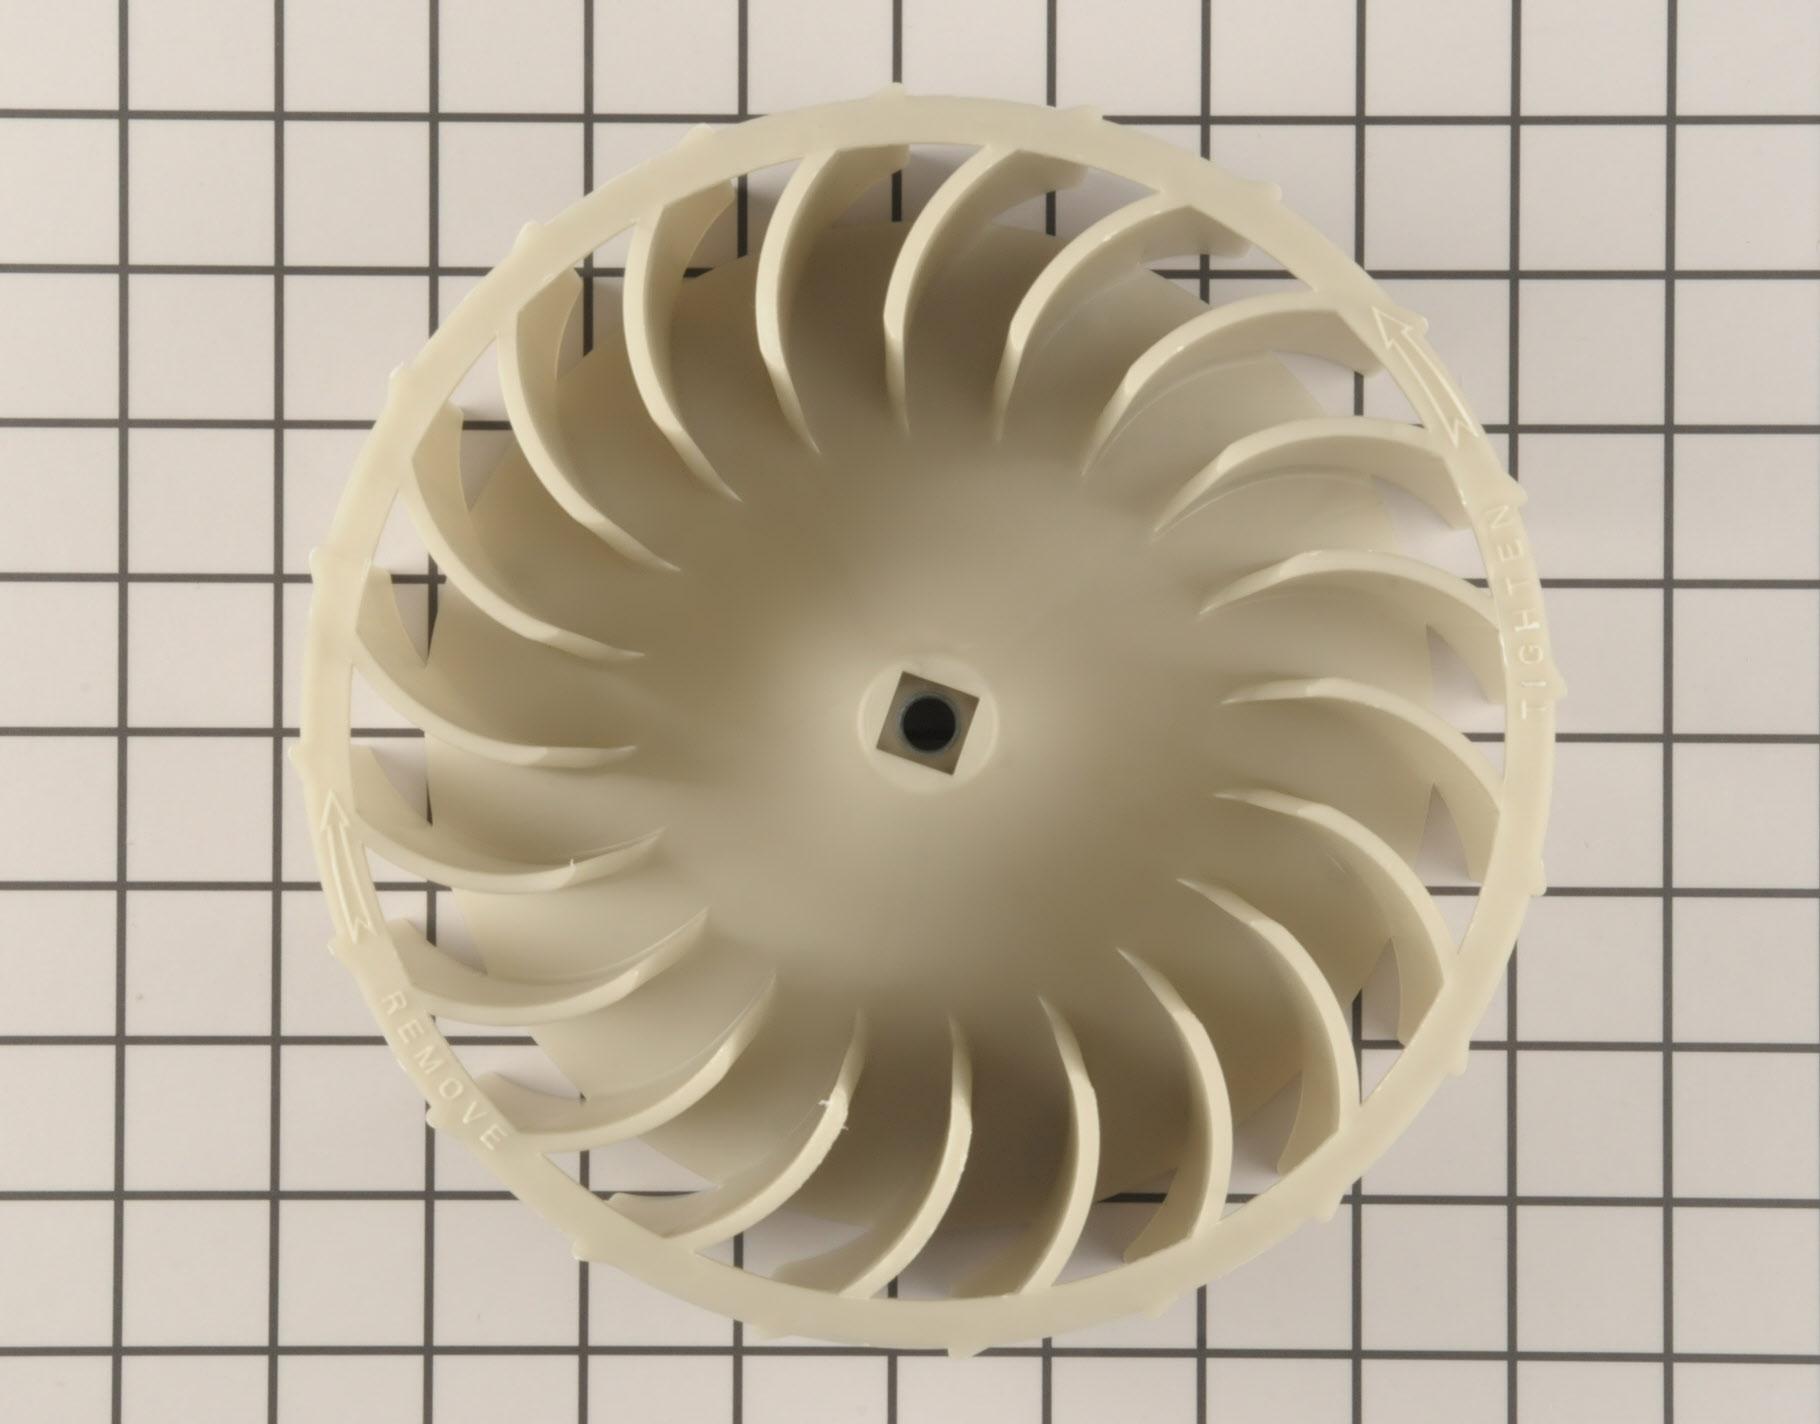 WP697772 Ikea Dryer Part -Blower Wheel